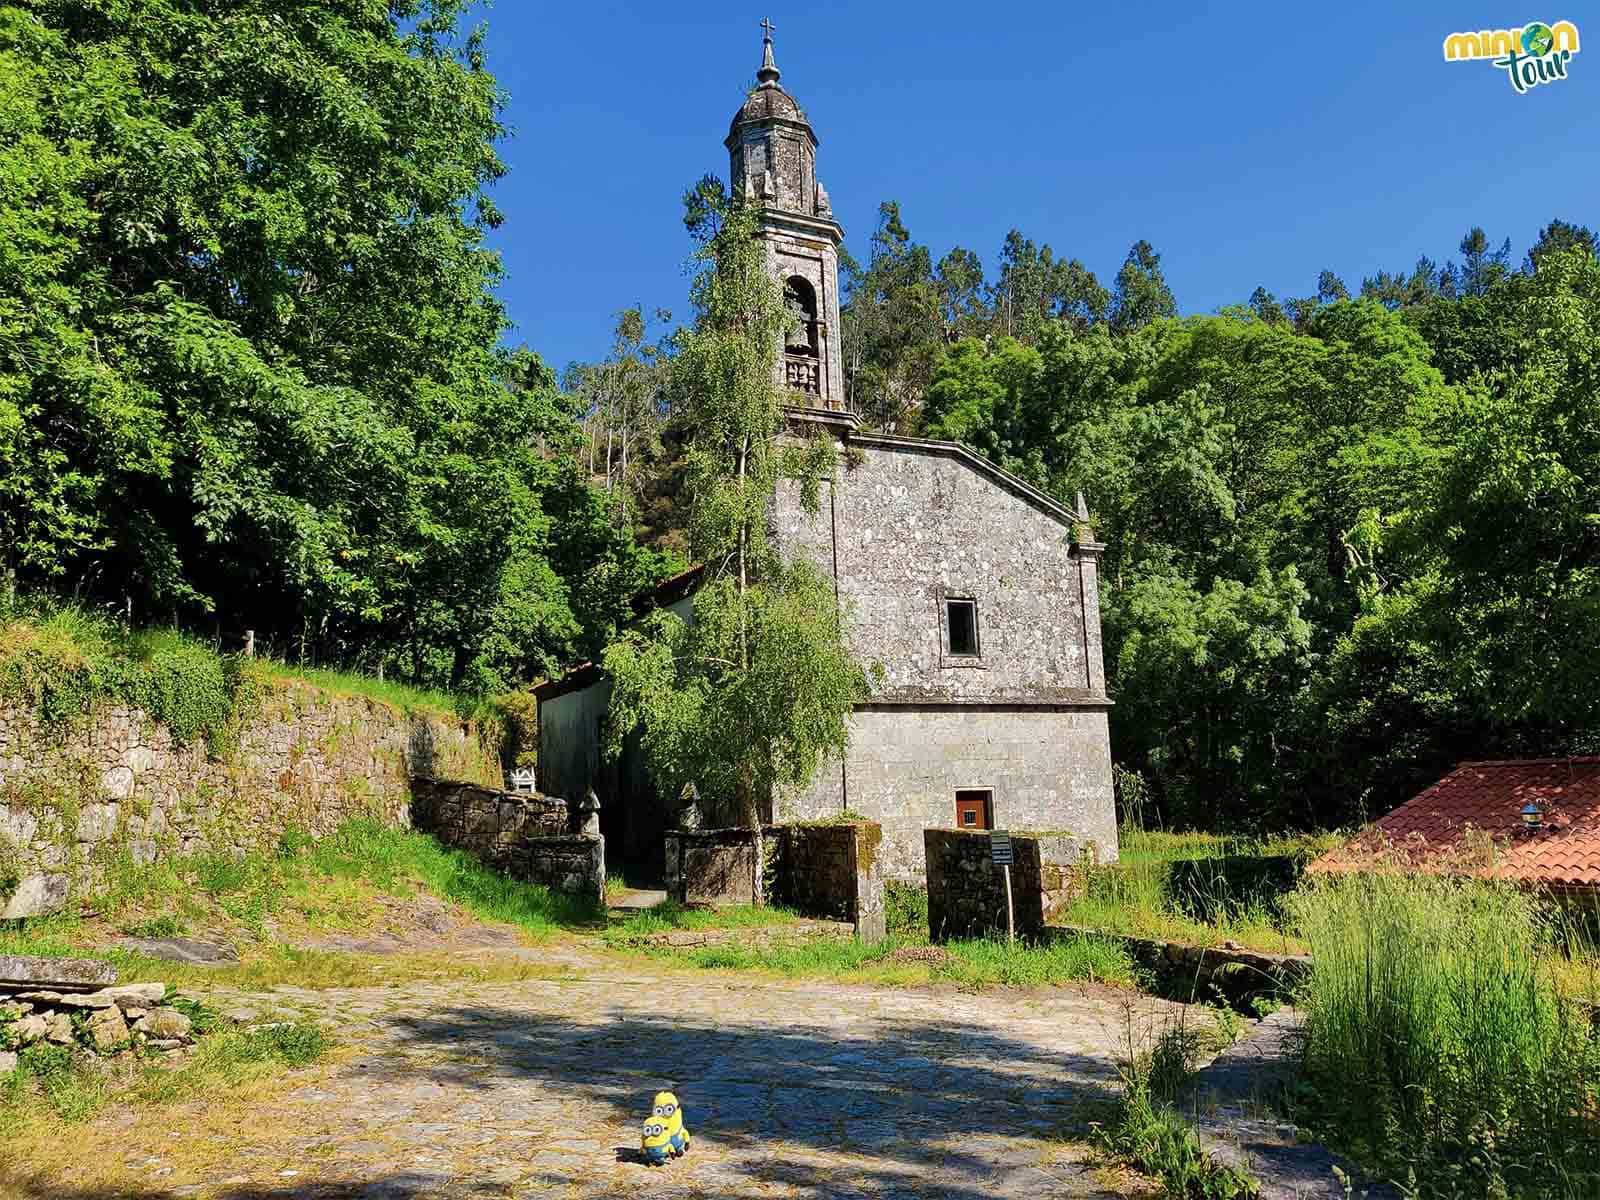 El Monasterio de Toxosoutos es una de las cosas que ver en la Ría de Muros y Noia